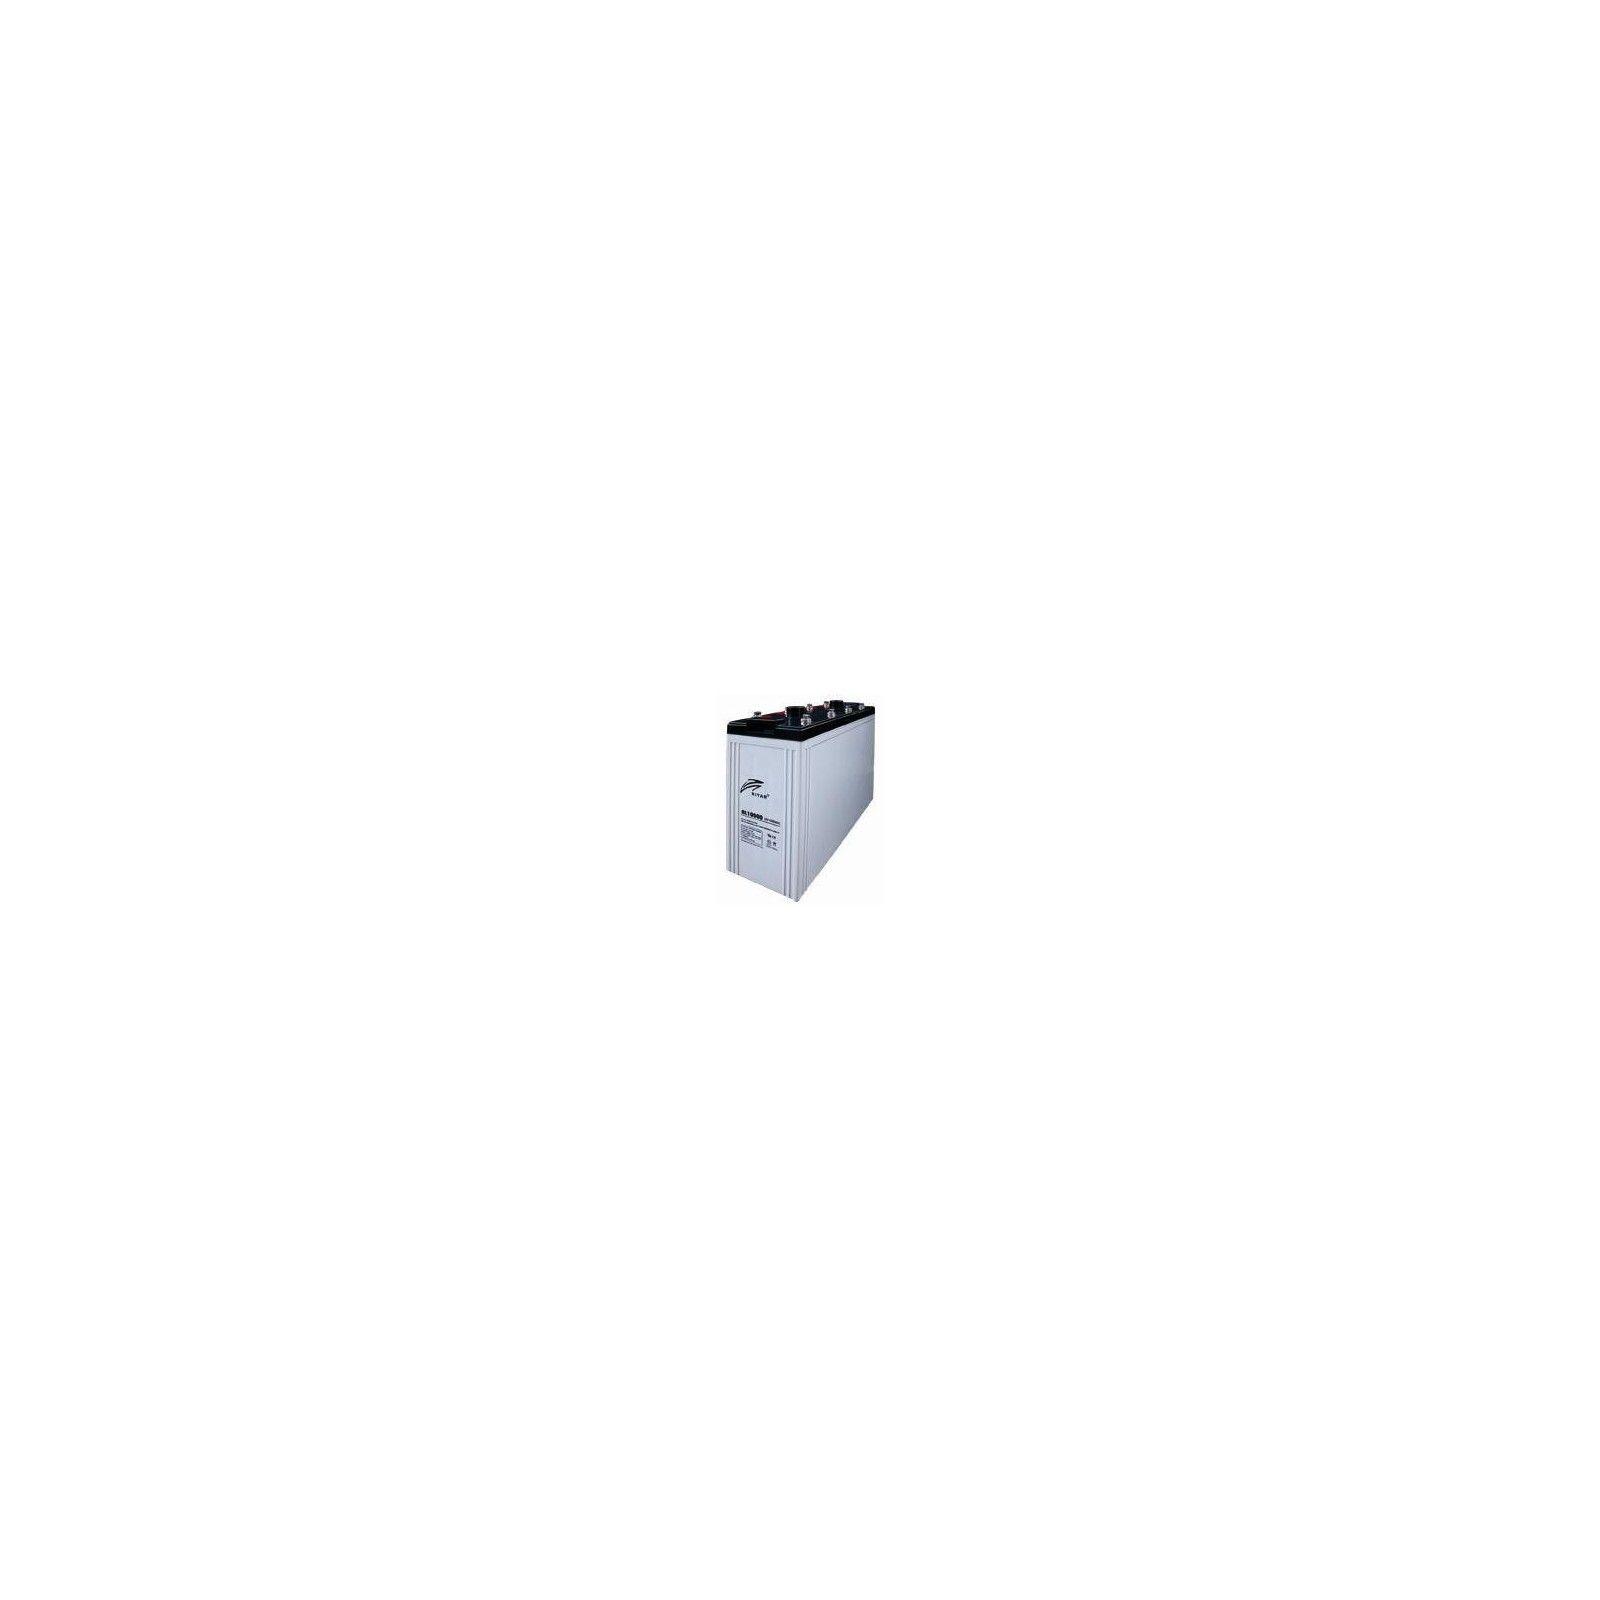 Batería Ritar RL21000 1000Ah 2V Rl RITAR - 1